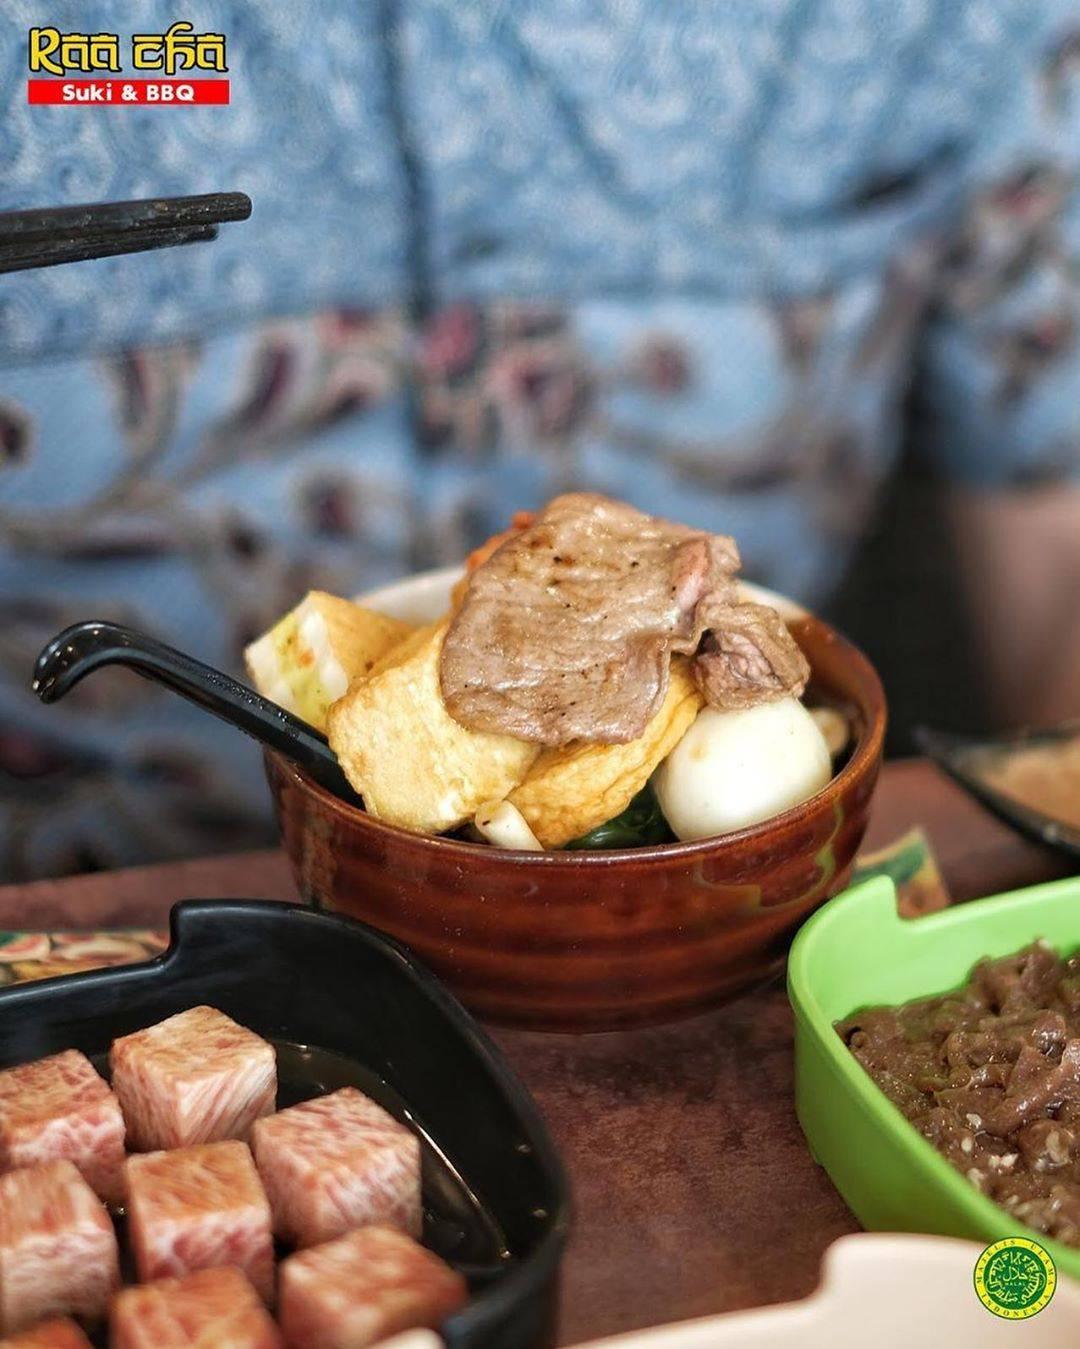 Raa Cha & BBQ  Promo Diskon 60% Hingga Rp. 30.000 Transaksi Menggunakan Dana